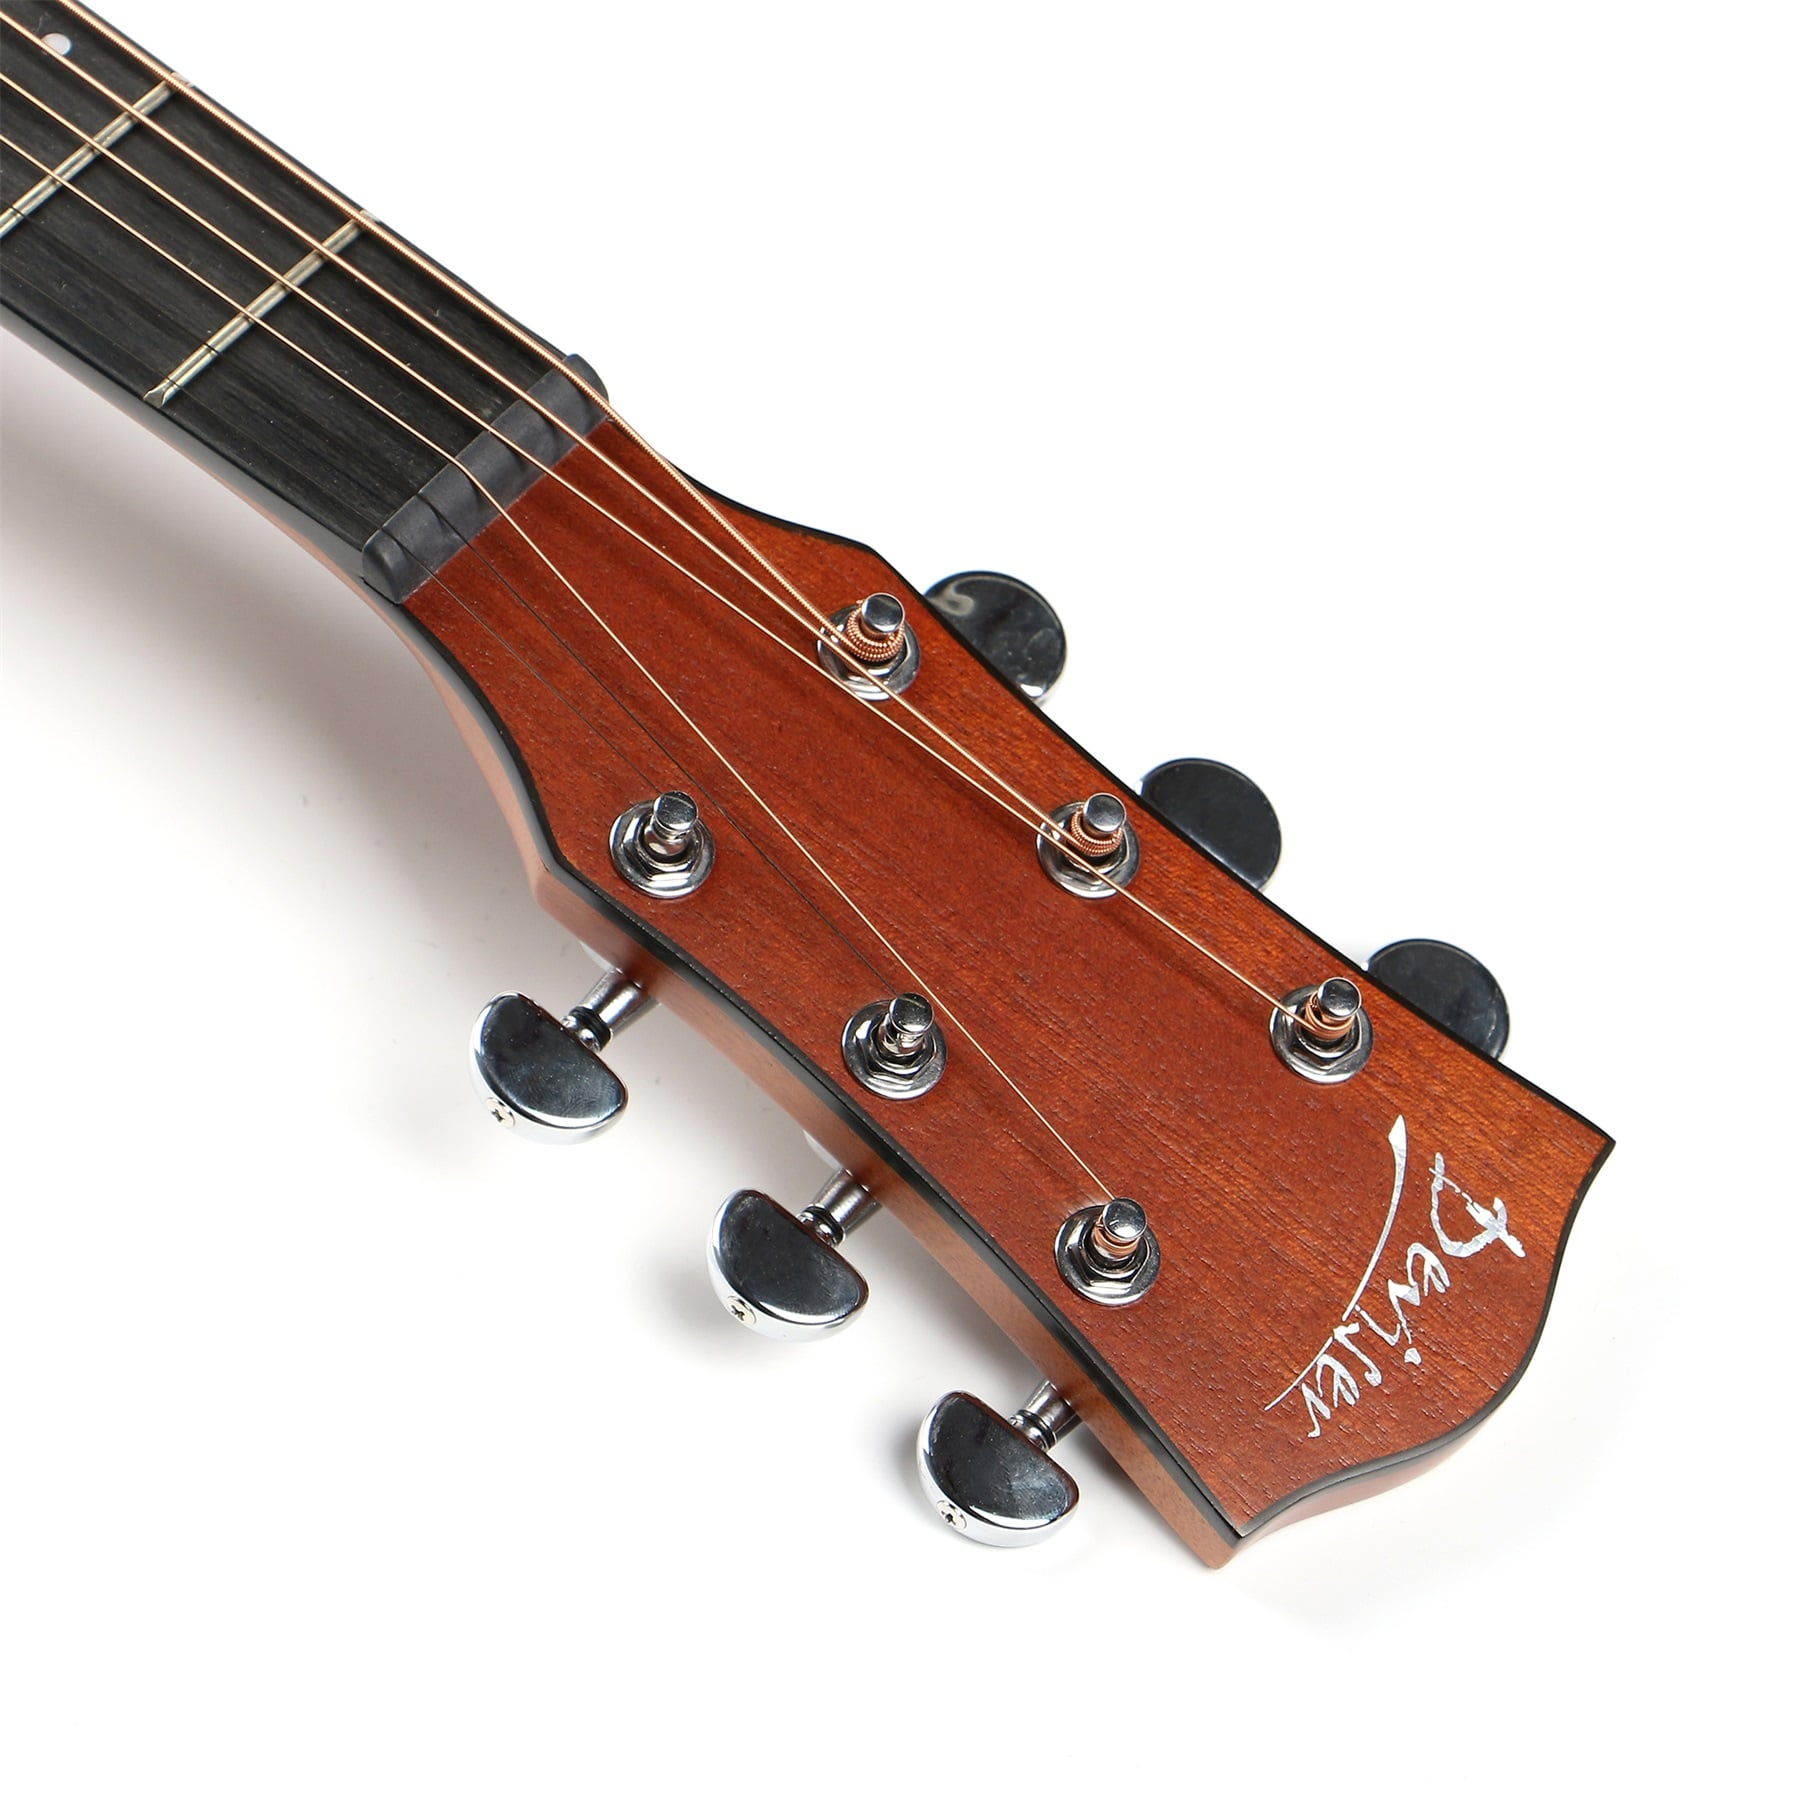 Deviser Ls 560-40 Acoustic Guitar - Baadok